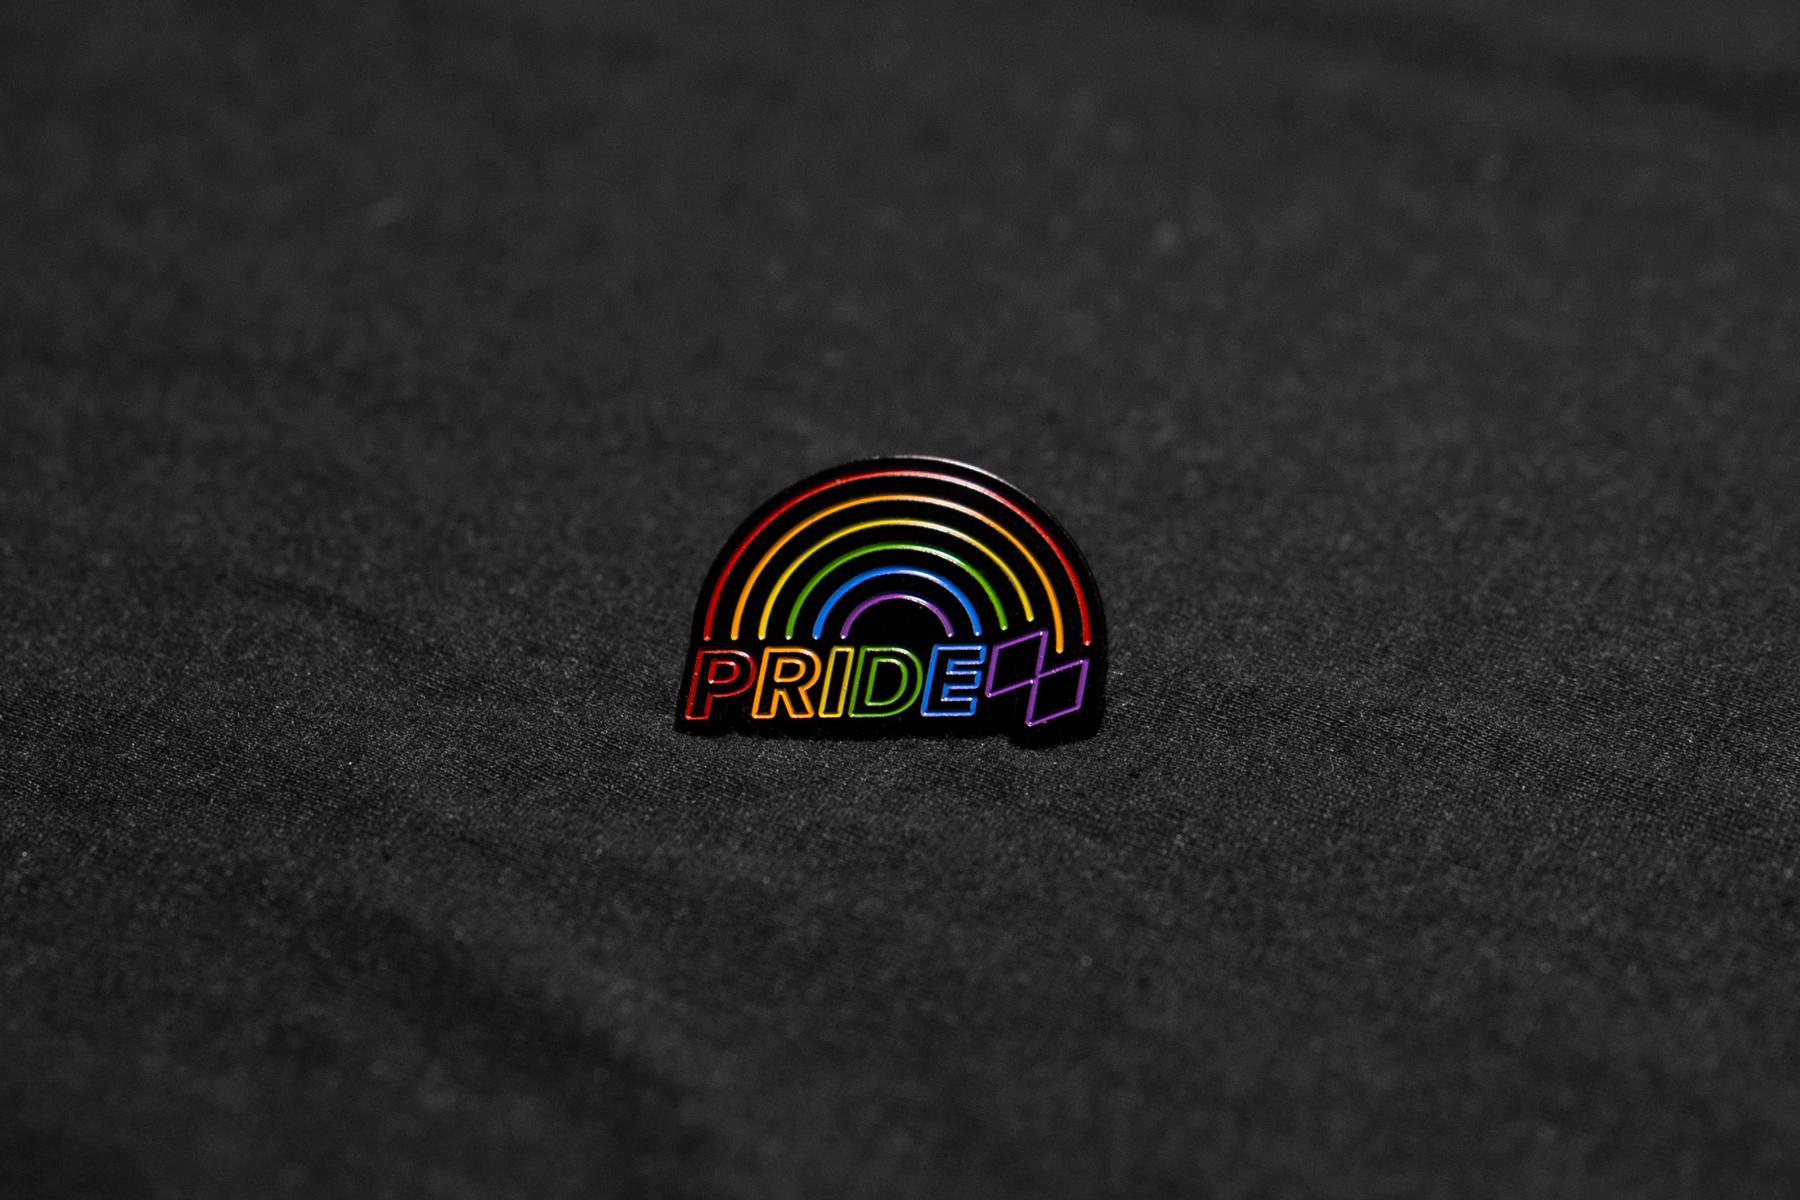 pride_pin_staged-1.jpg